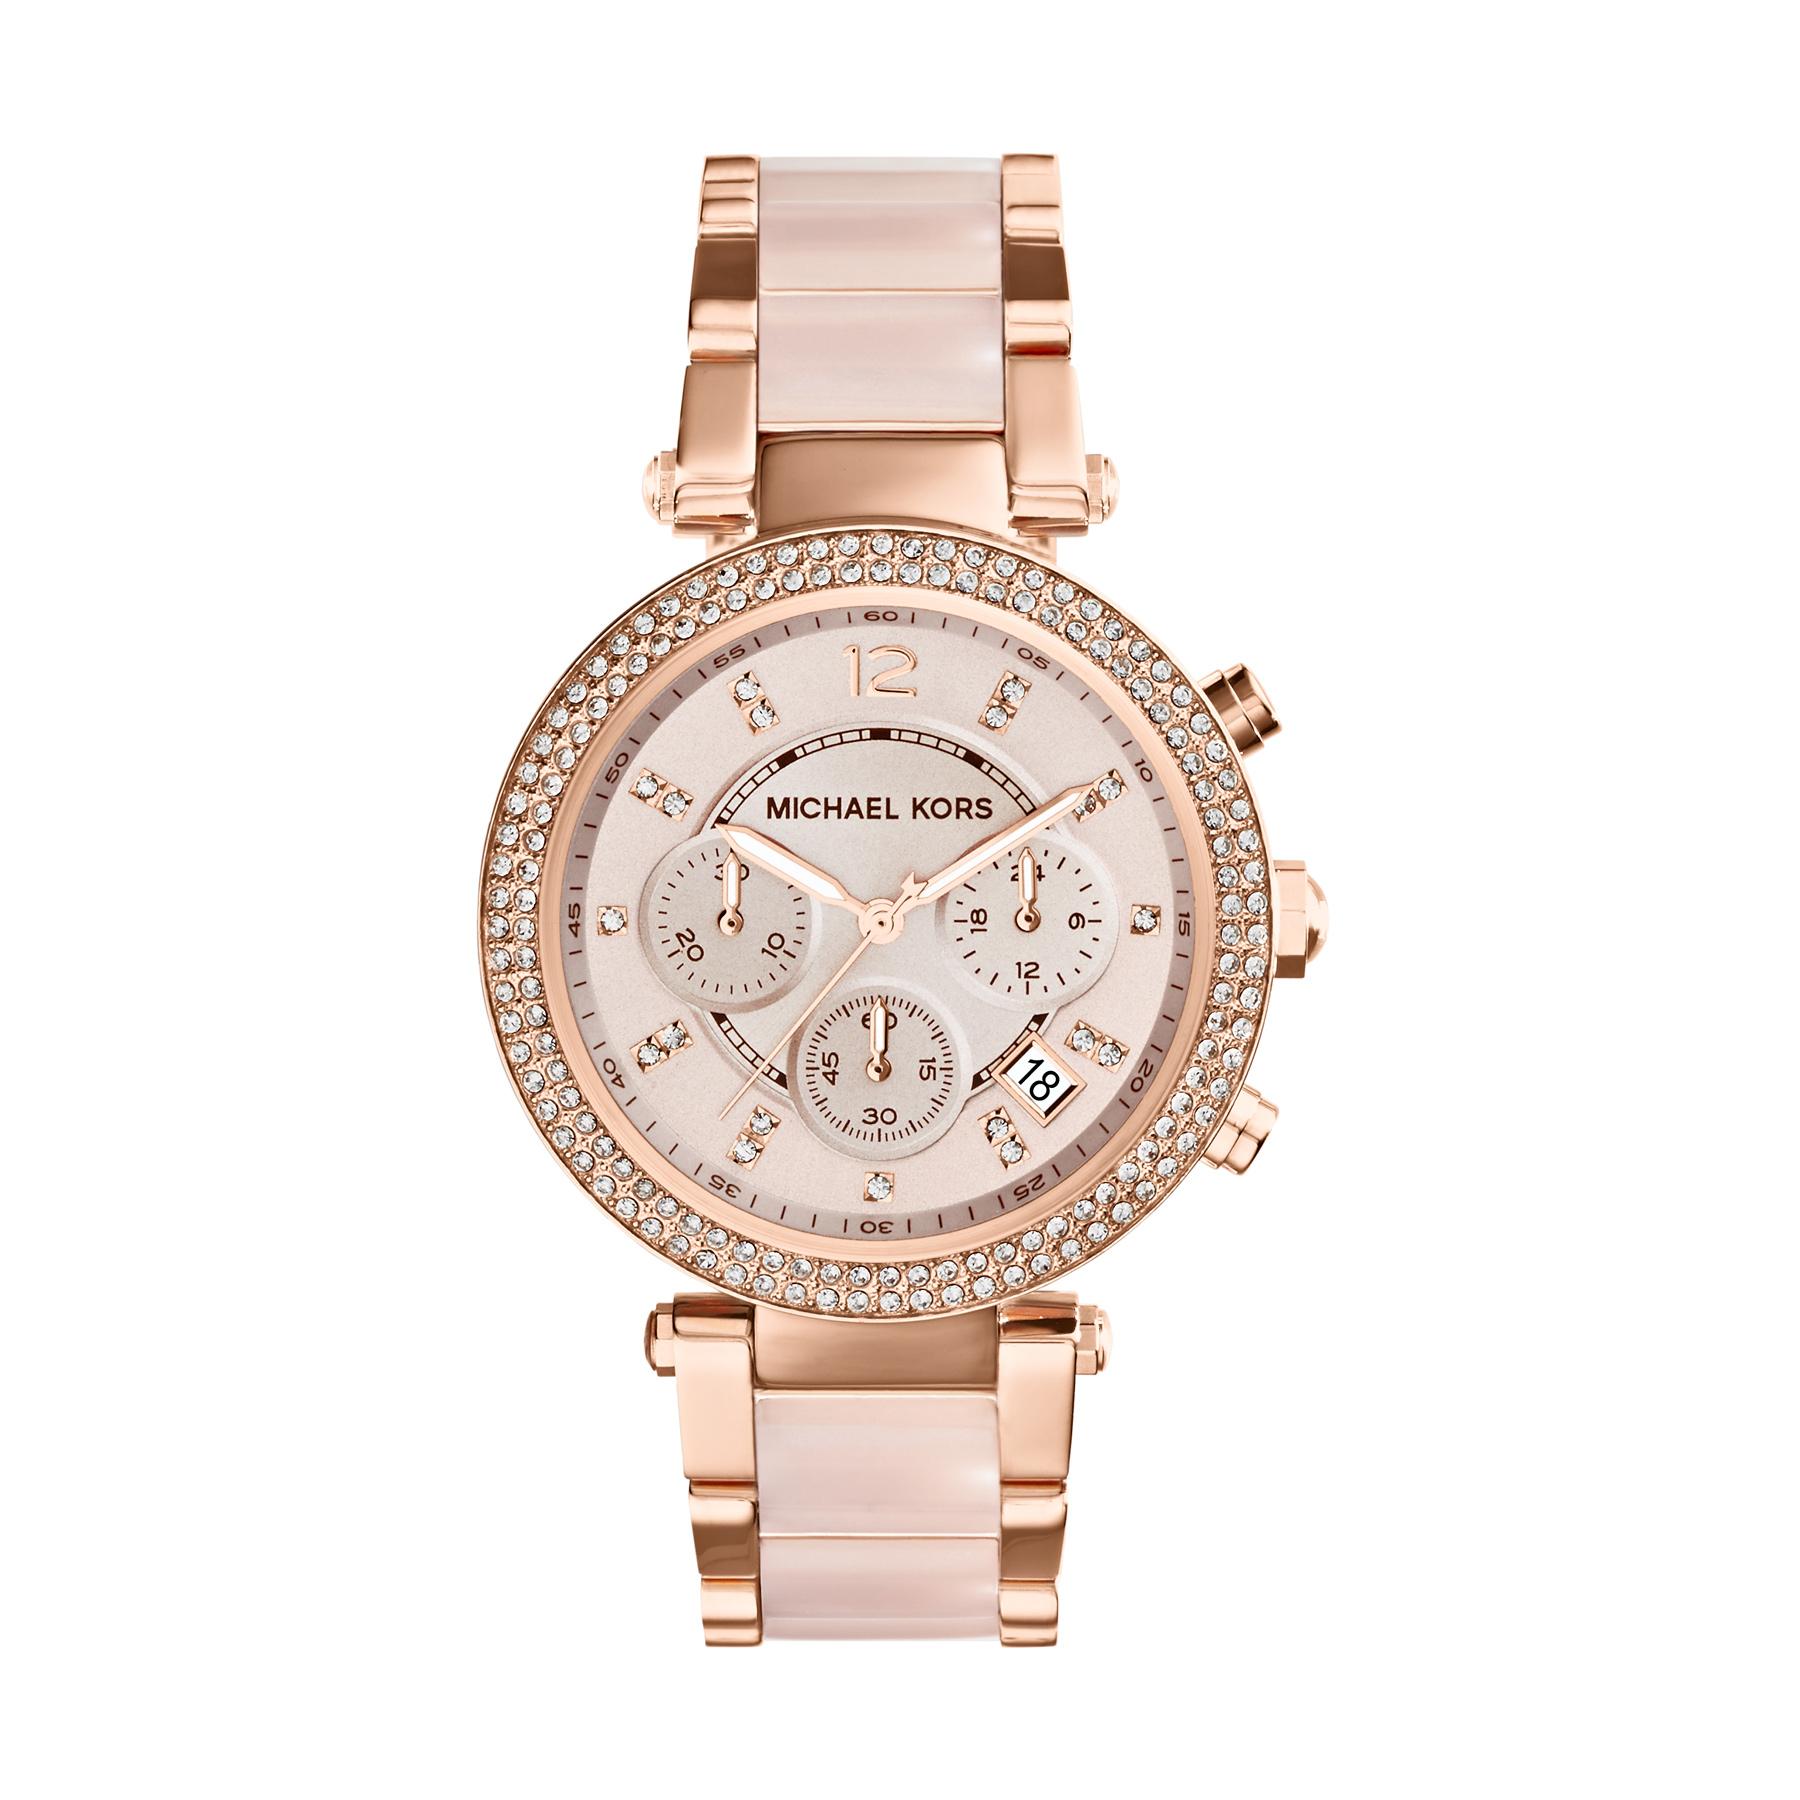 Relógio MICHAEL KORS Parker MK5896. Adicionar à Lista de Desejos Remover da  Lista de Desejos 905c7bfbb5